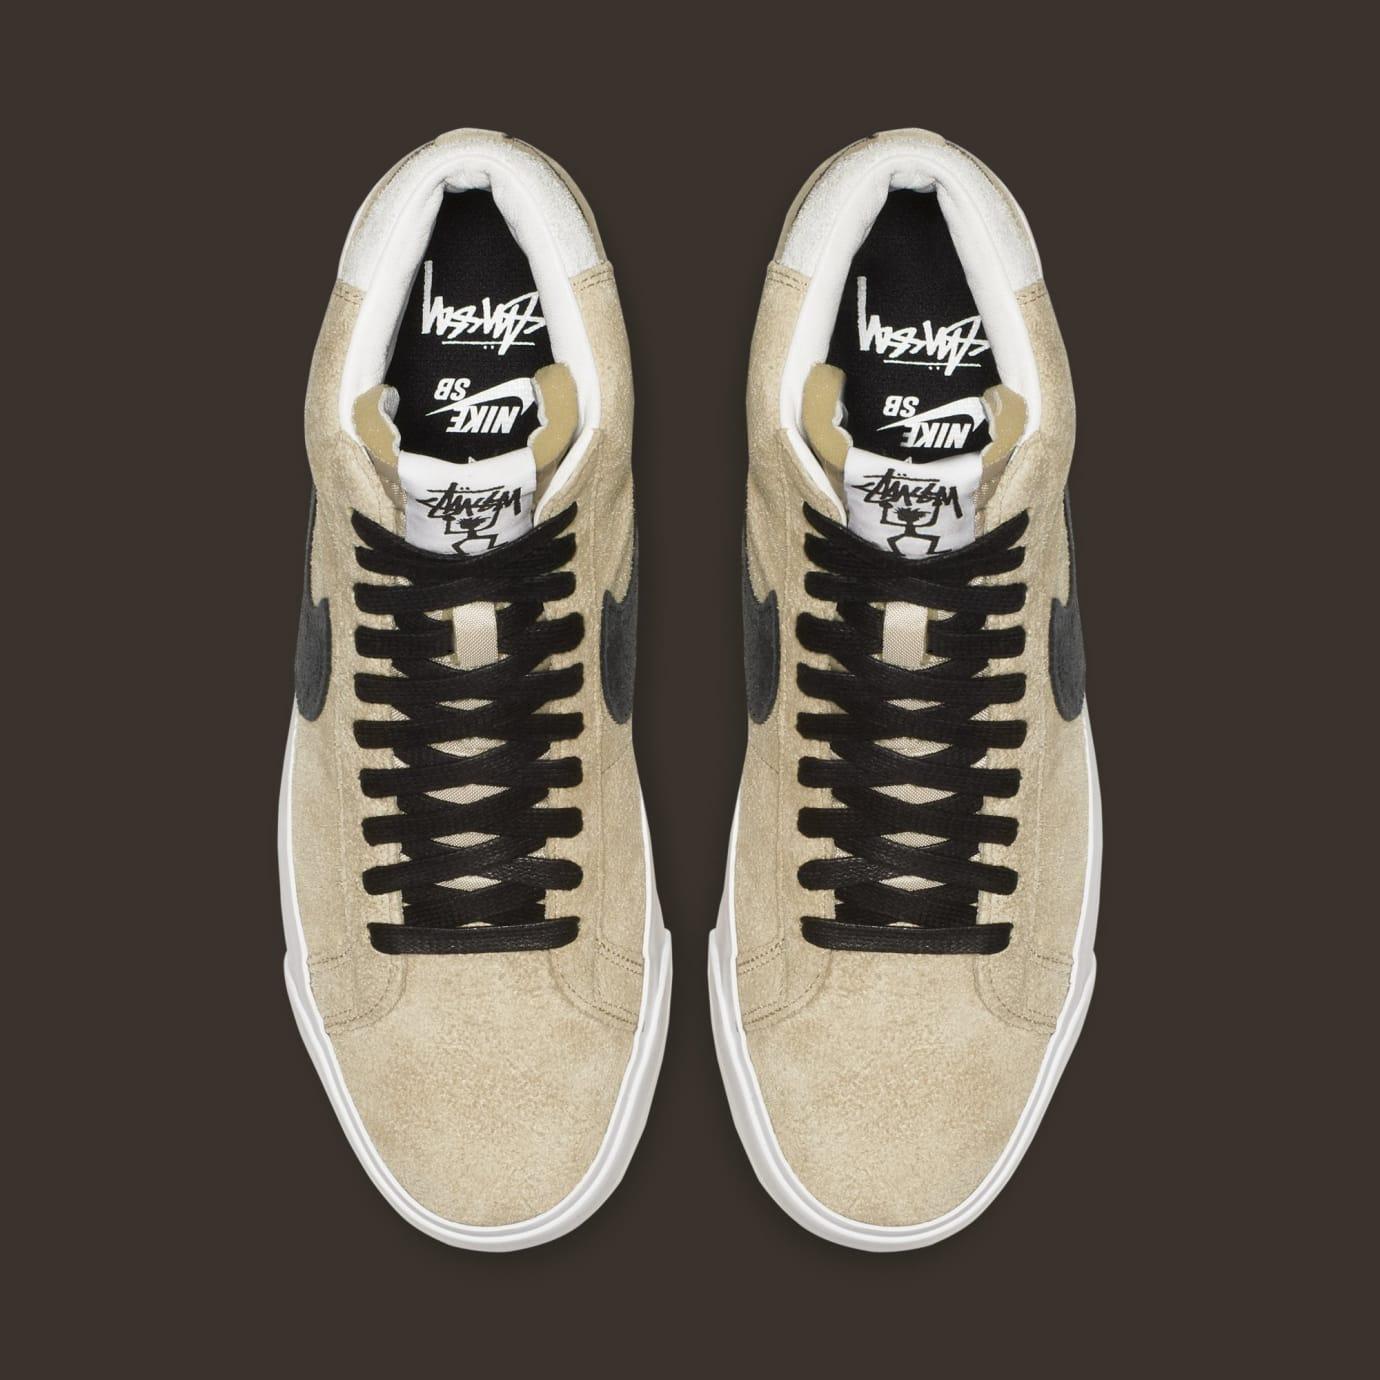 Stussy Nike SB Blazer Mid